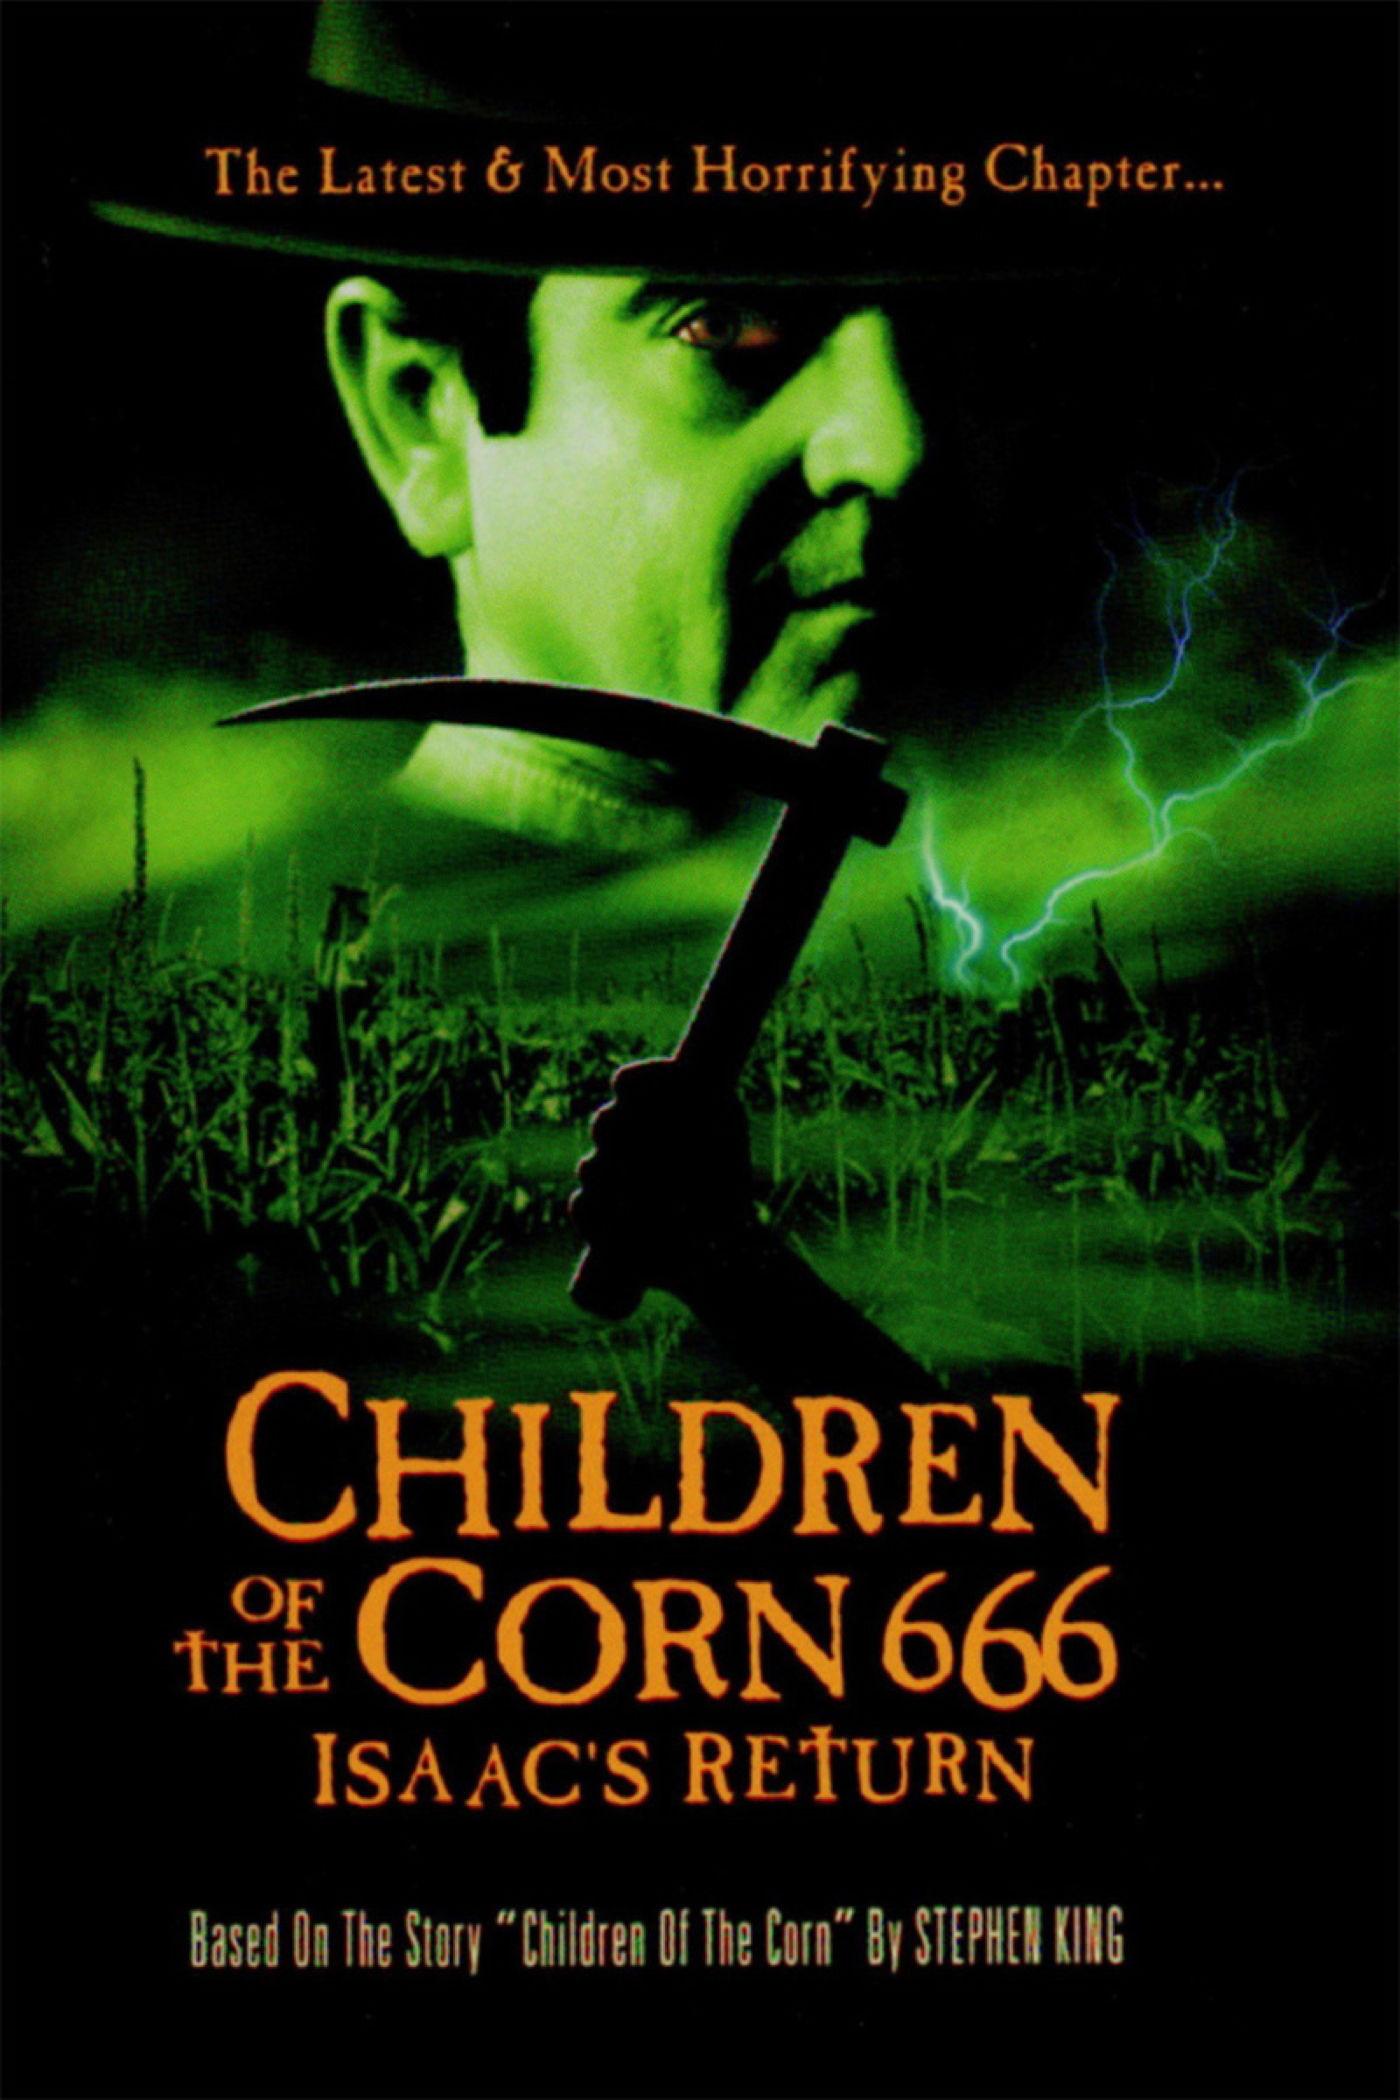 Los niños del maíz 666: El retorno de Isaac